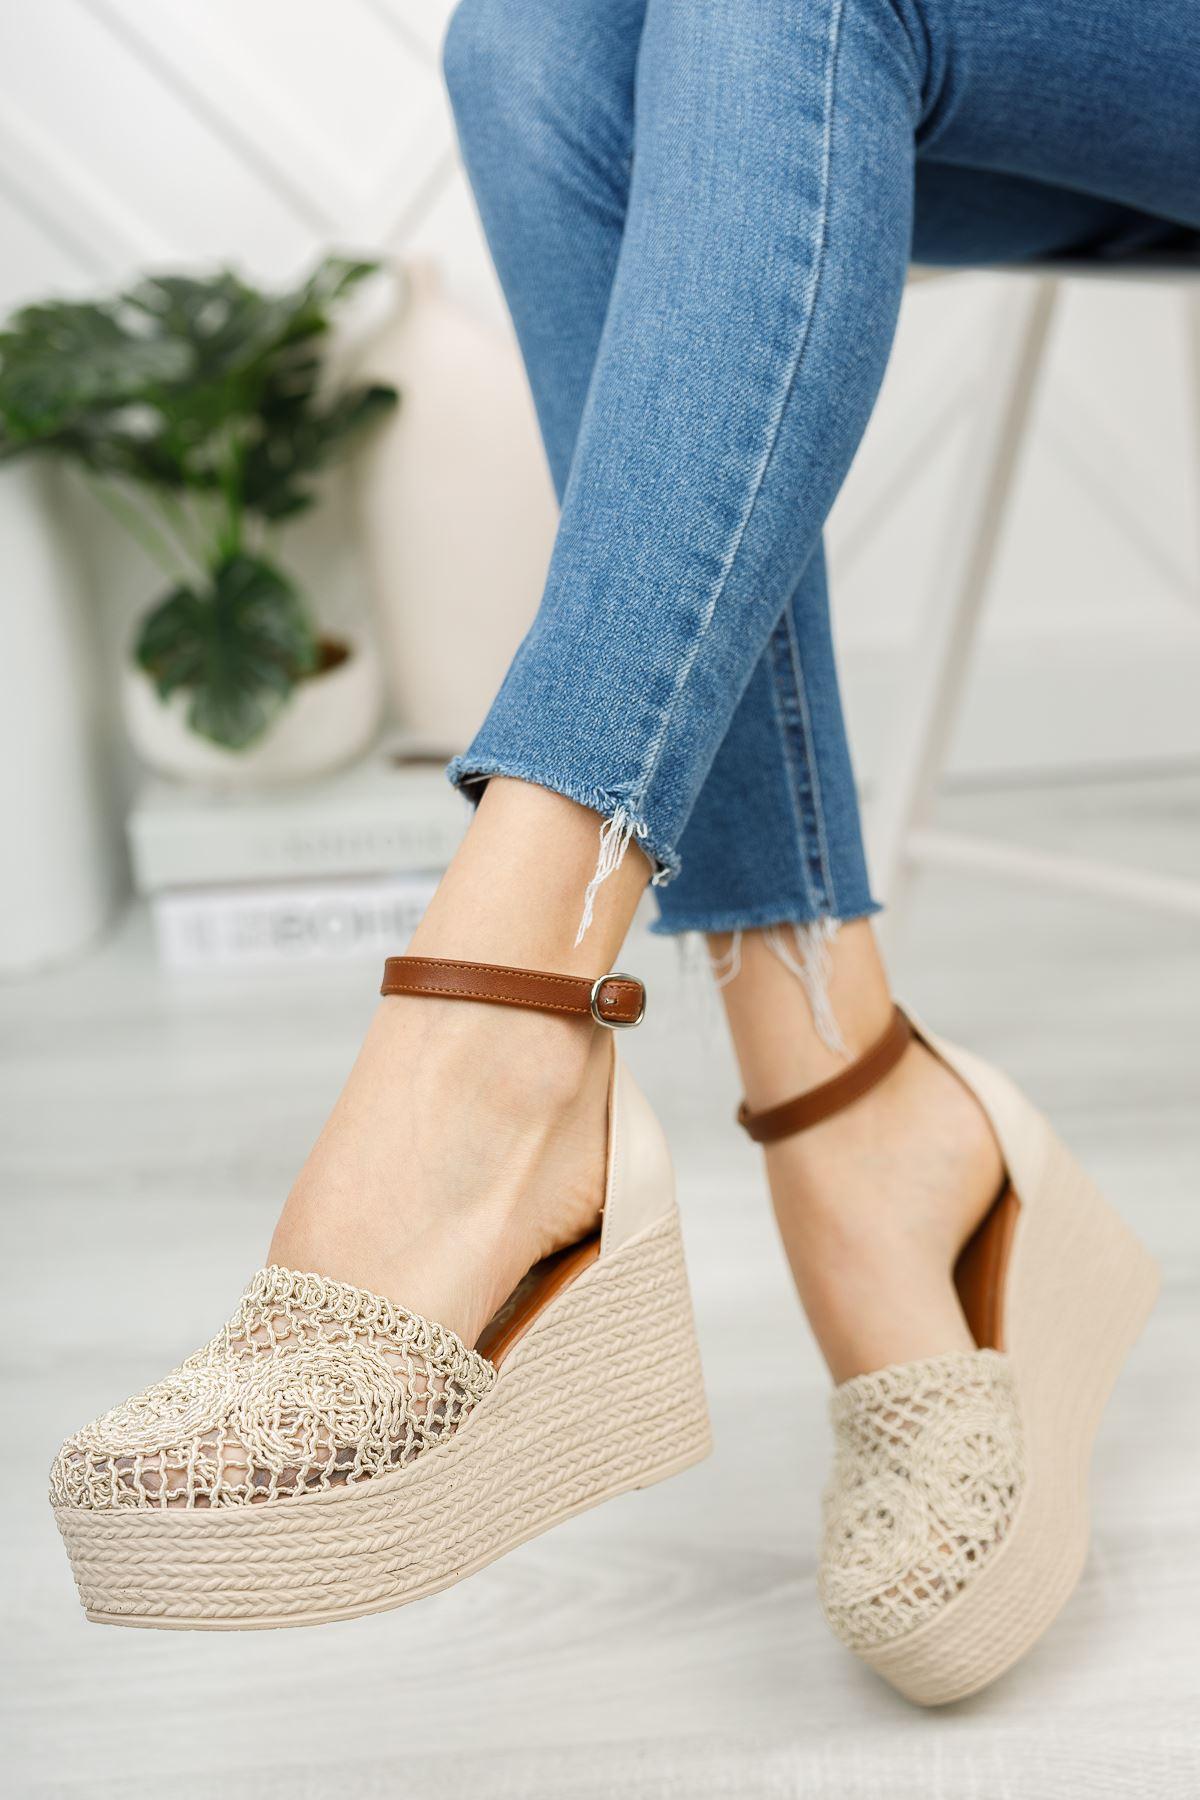 Bej El Örgüsü Önü Kapalı Dolgu Topuklu Ayakkabı